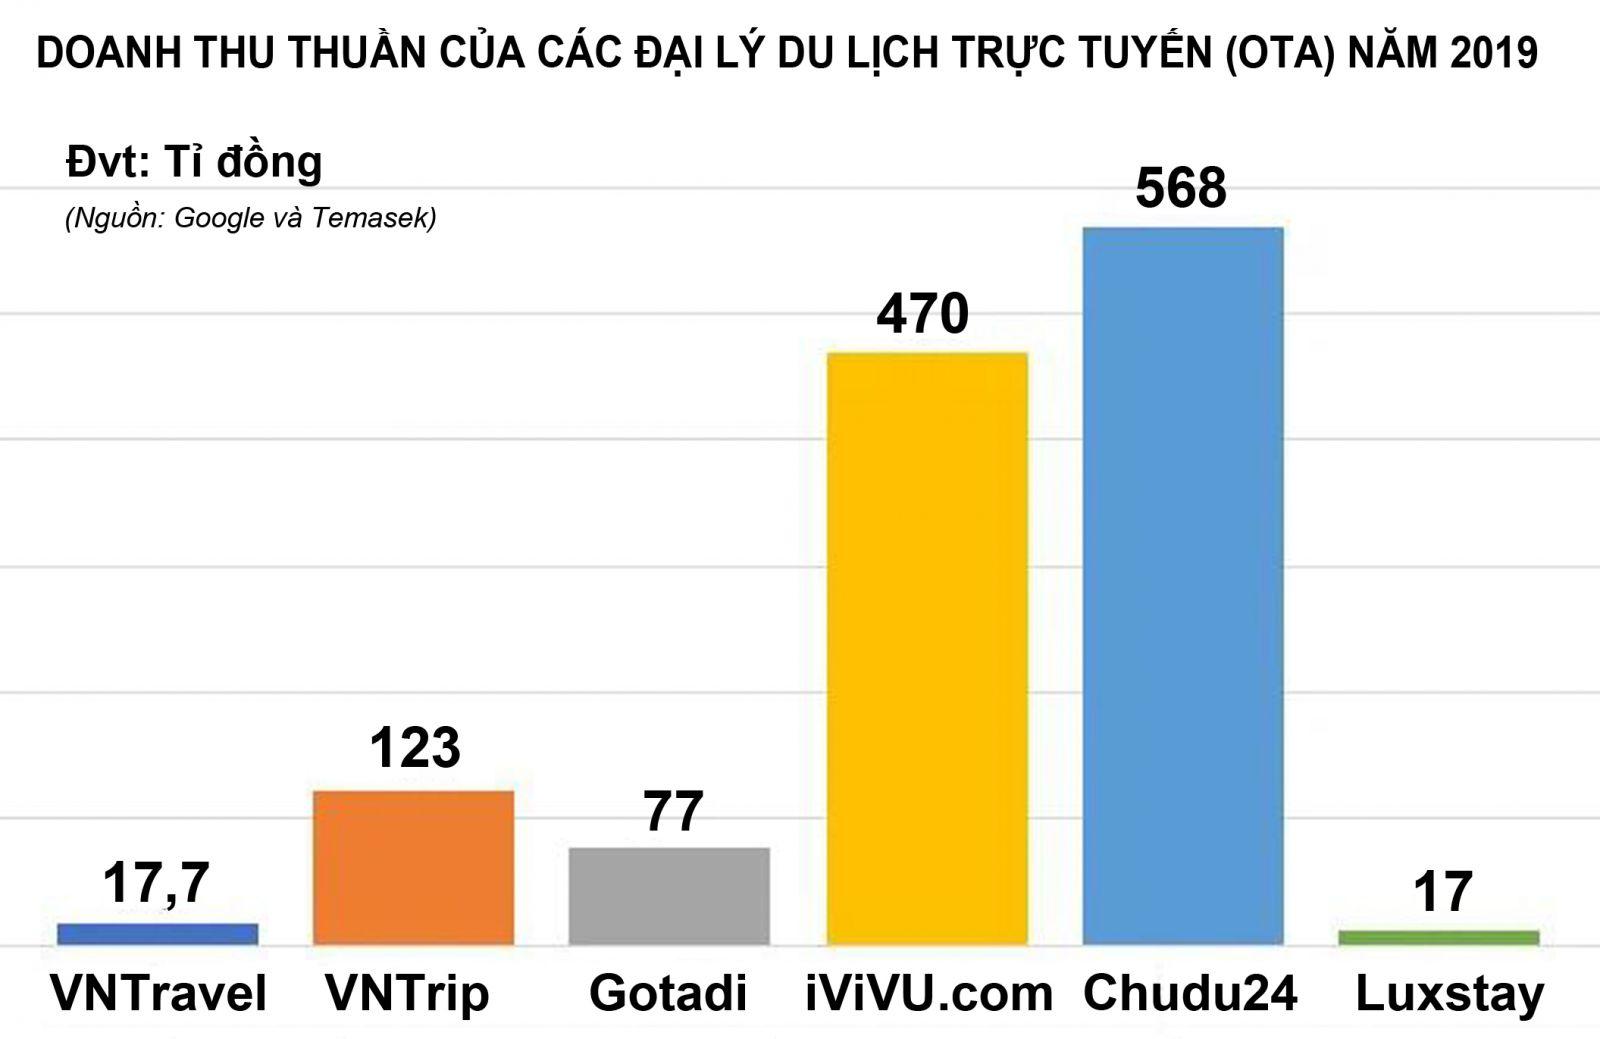 Theo báo cáo của Google và Temasek quy mô du lịch trực tuyến Việt Nam sẽ đạt tới 9 tỷ USD vào năm 2025.